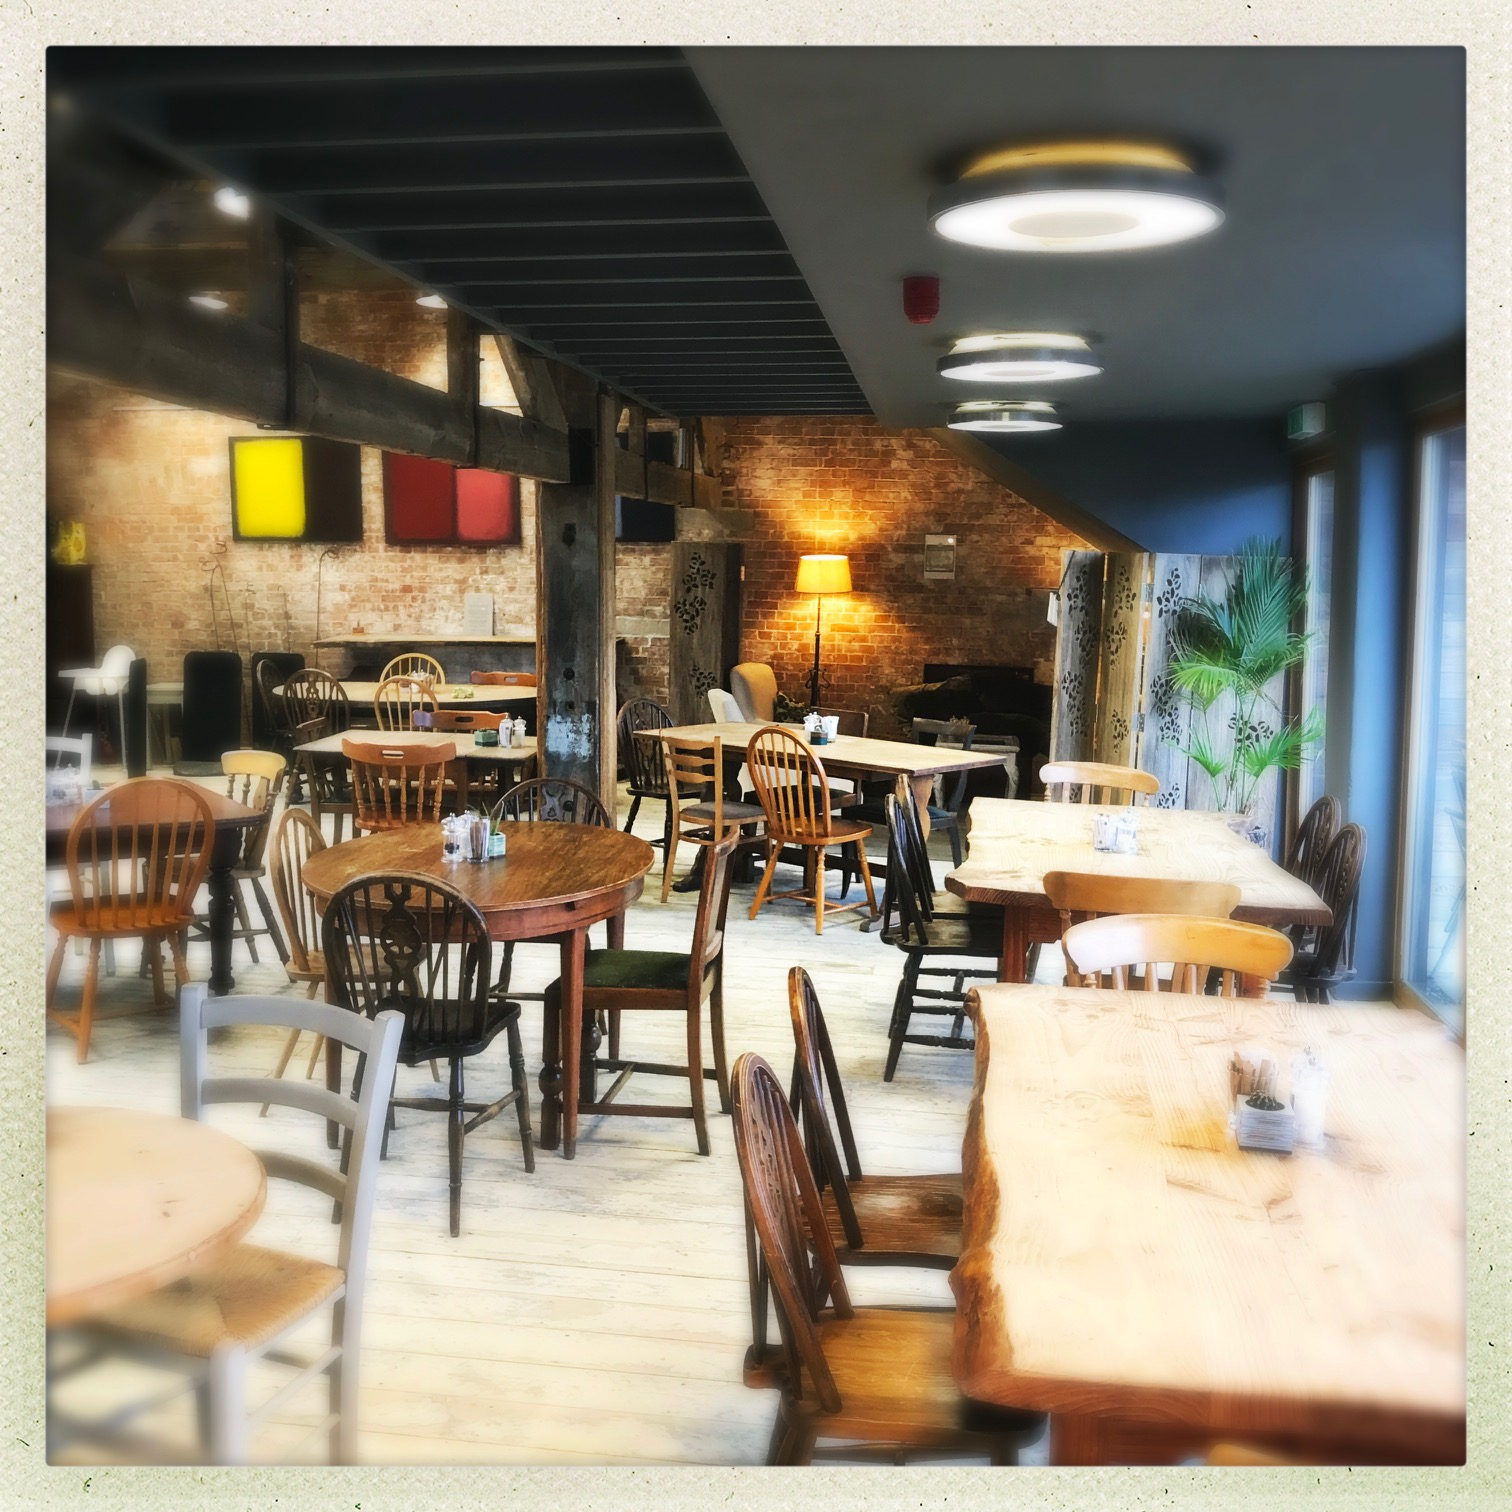 Cafe Seating 1.JPG